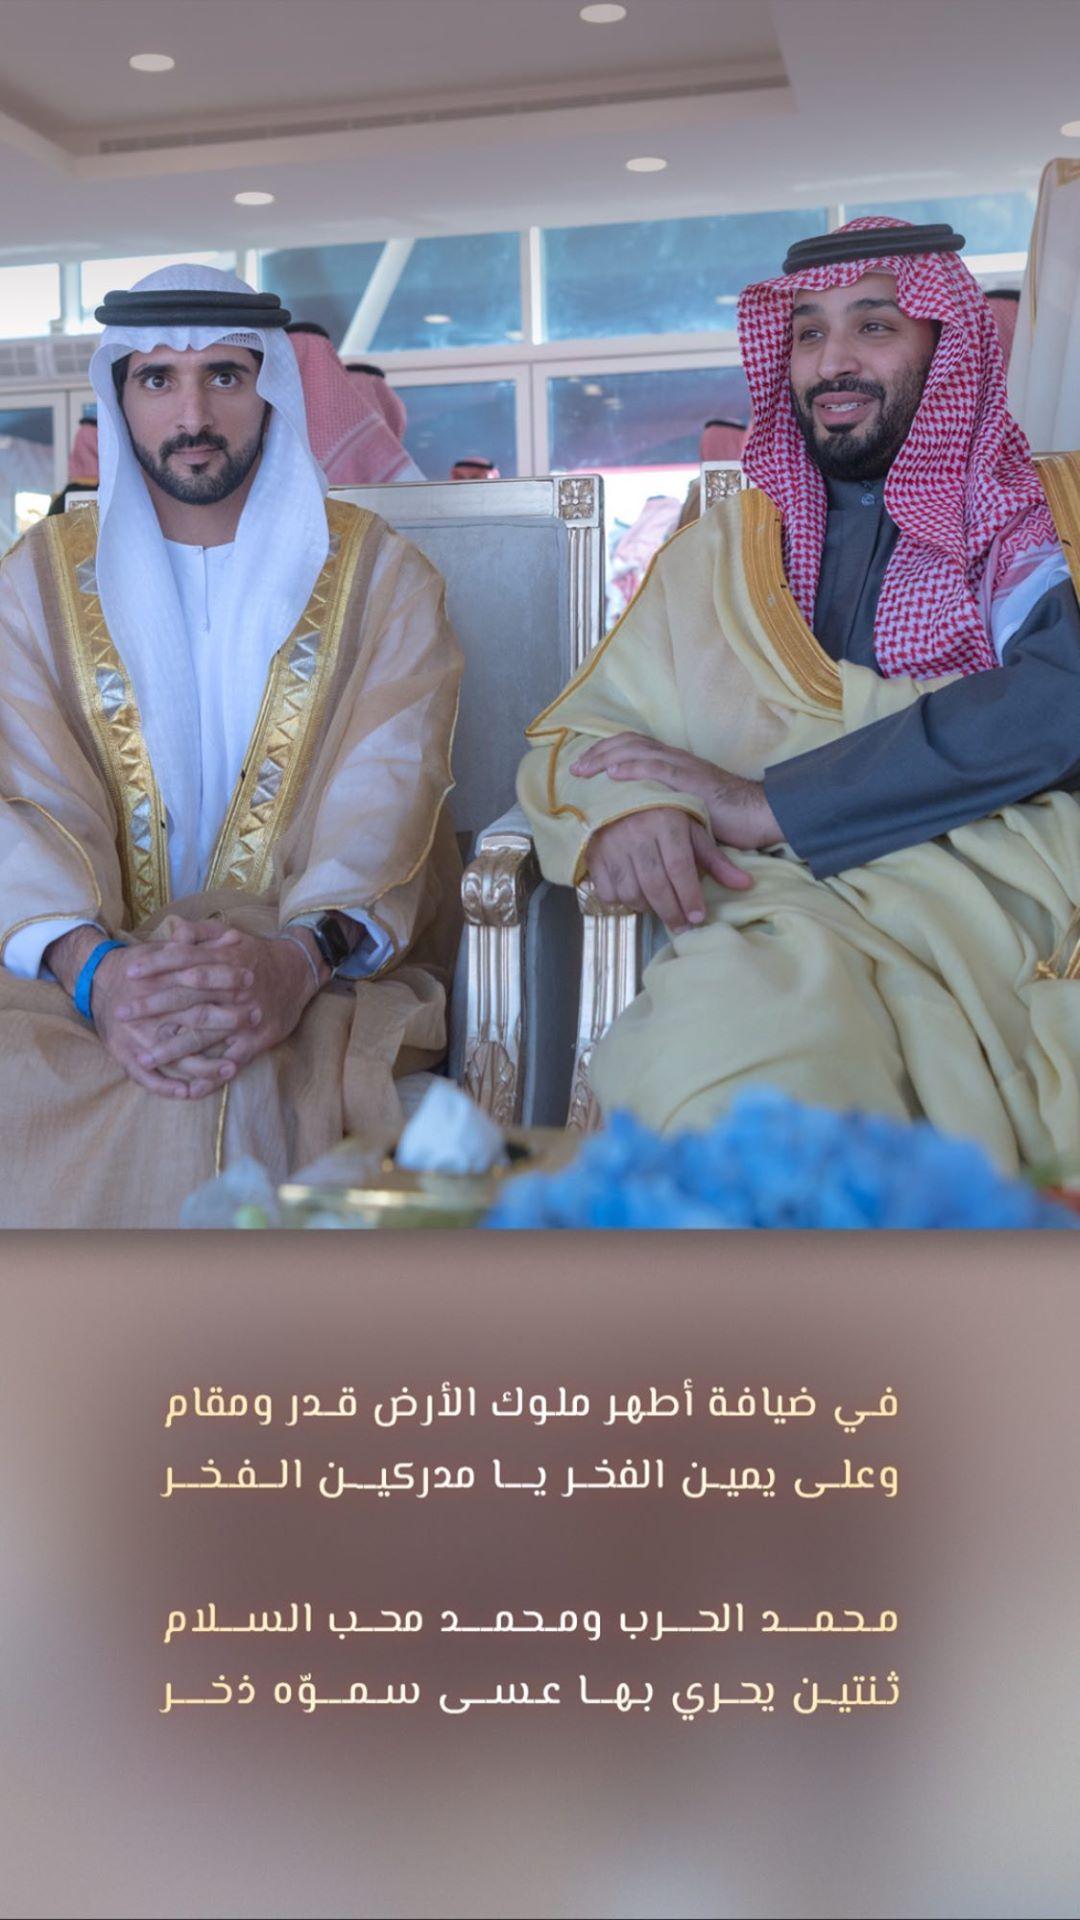 الصورة التي نشرها ولي عهد دبي